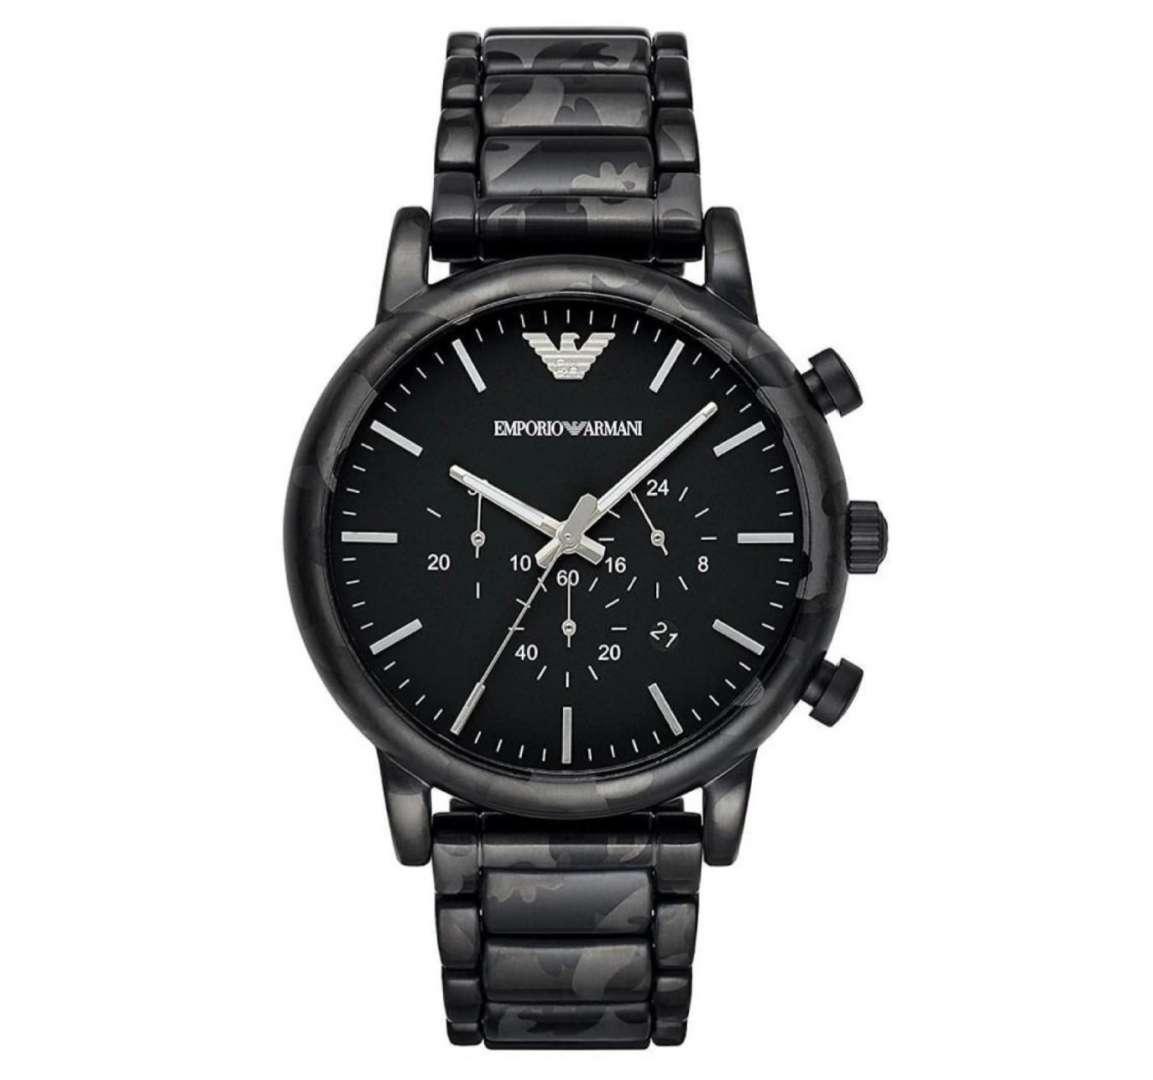 שעון יד אנלוגי לגבר emporio armani ar11045 אמפוריו ארמני